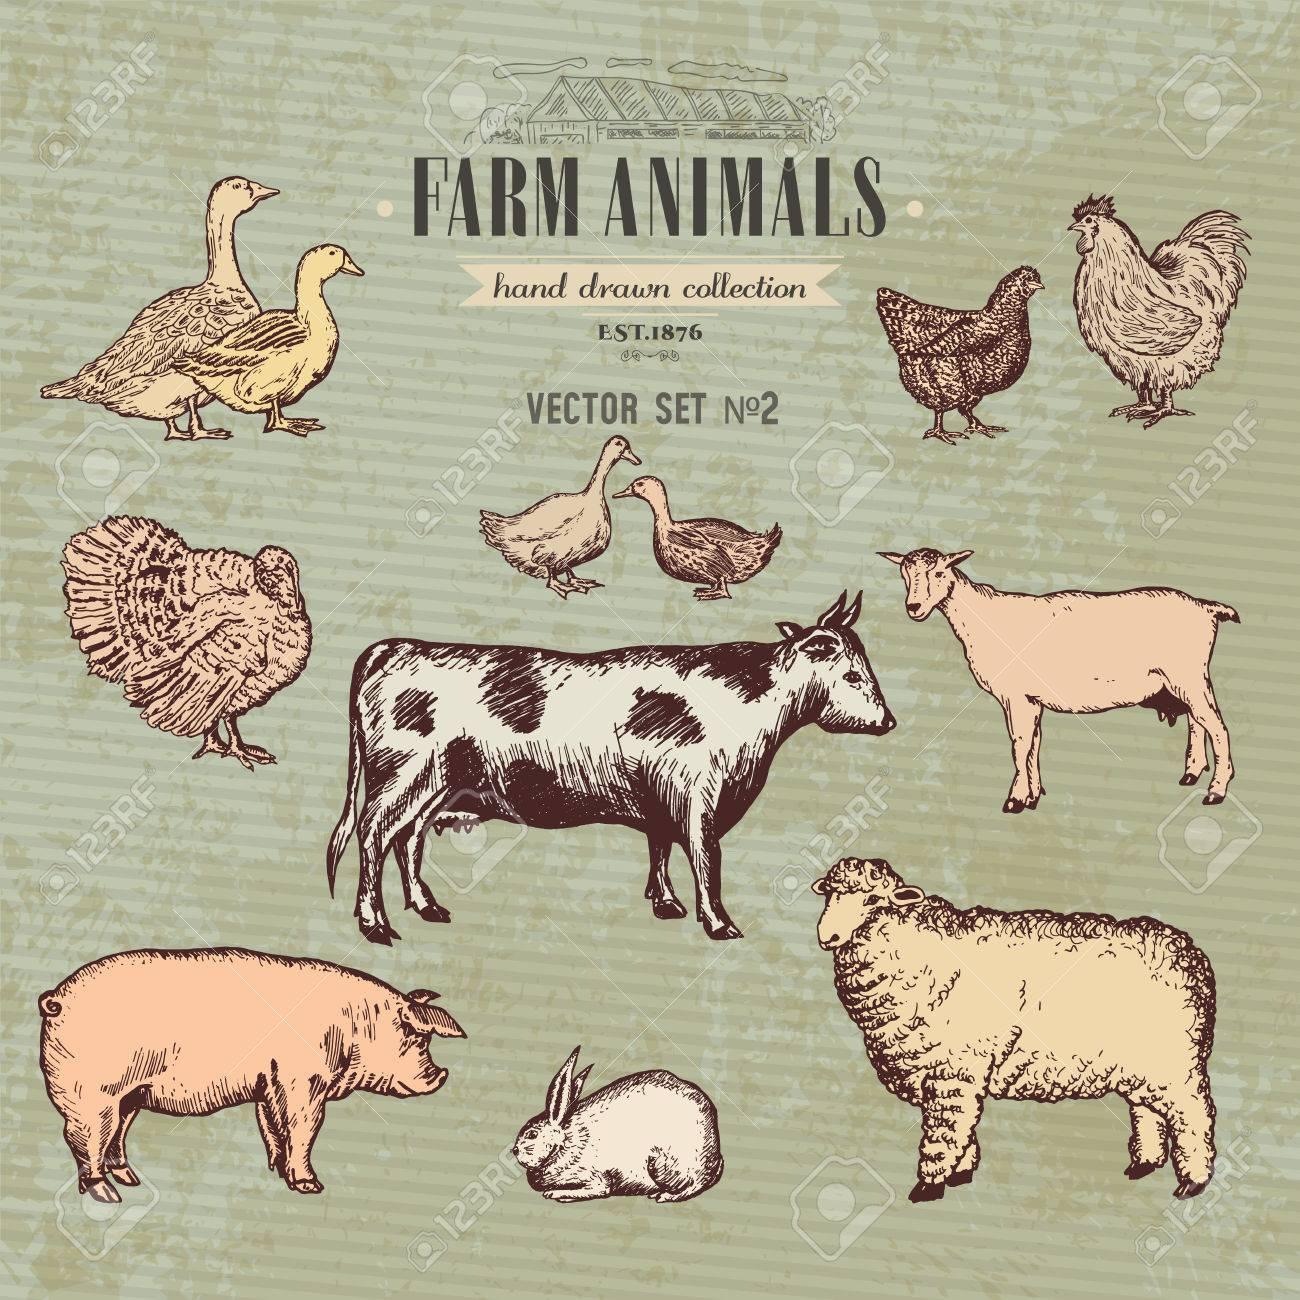 Farm animals vintage collection, cow, pig, goat, sheep, chicken, duck, goose, turkey rabbit hand drawn farm animals vector - 63789044